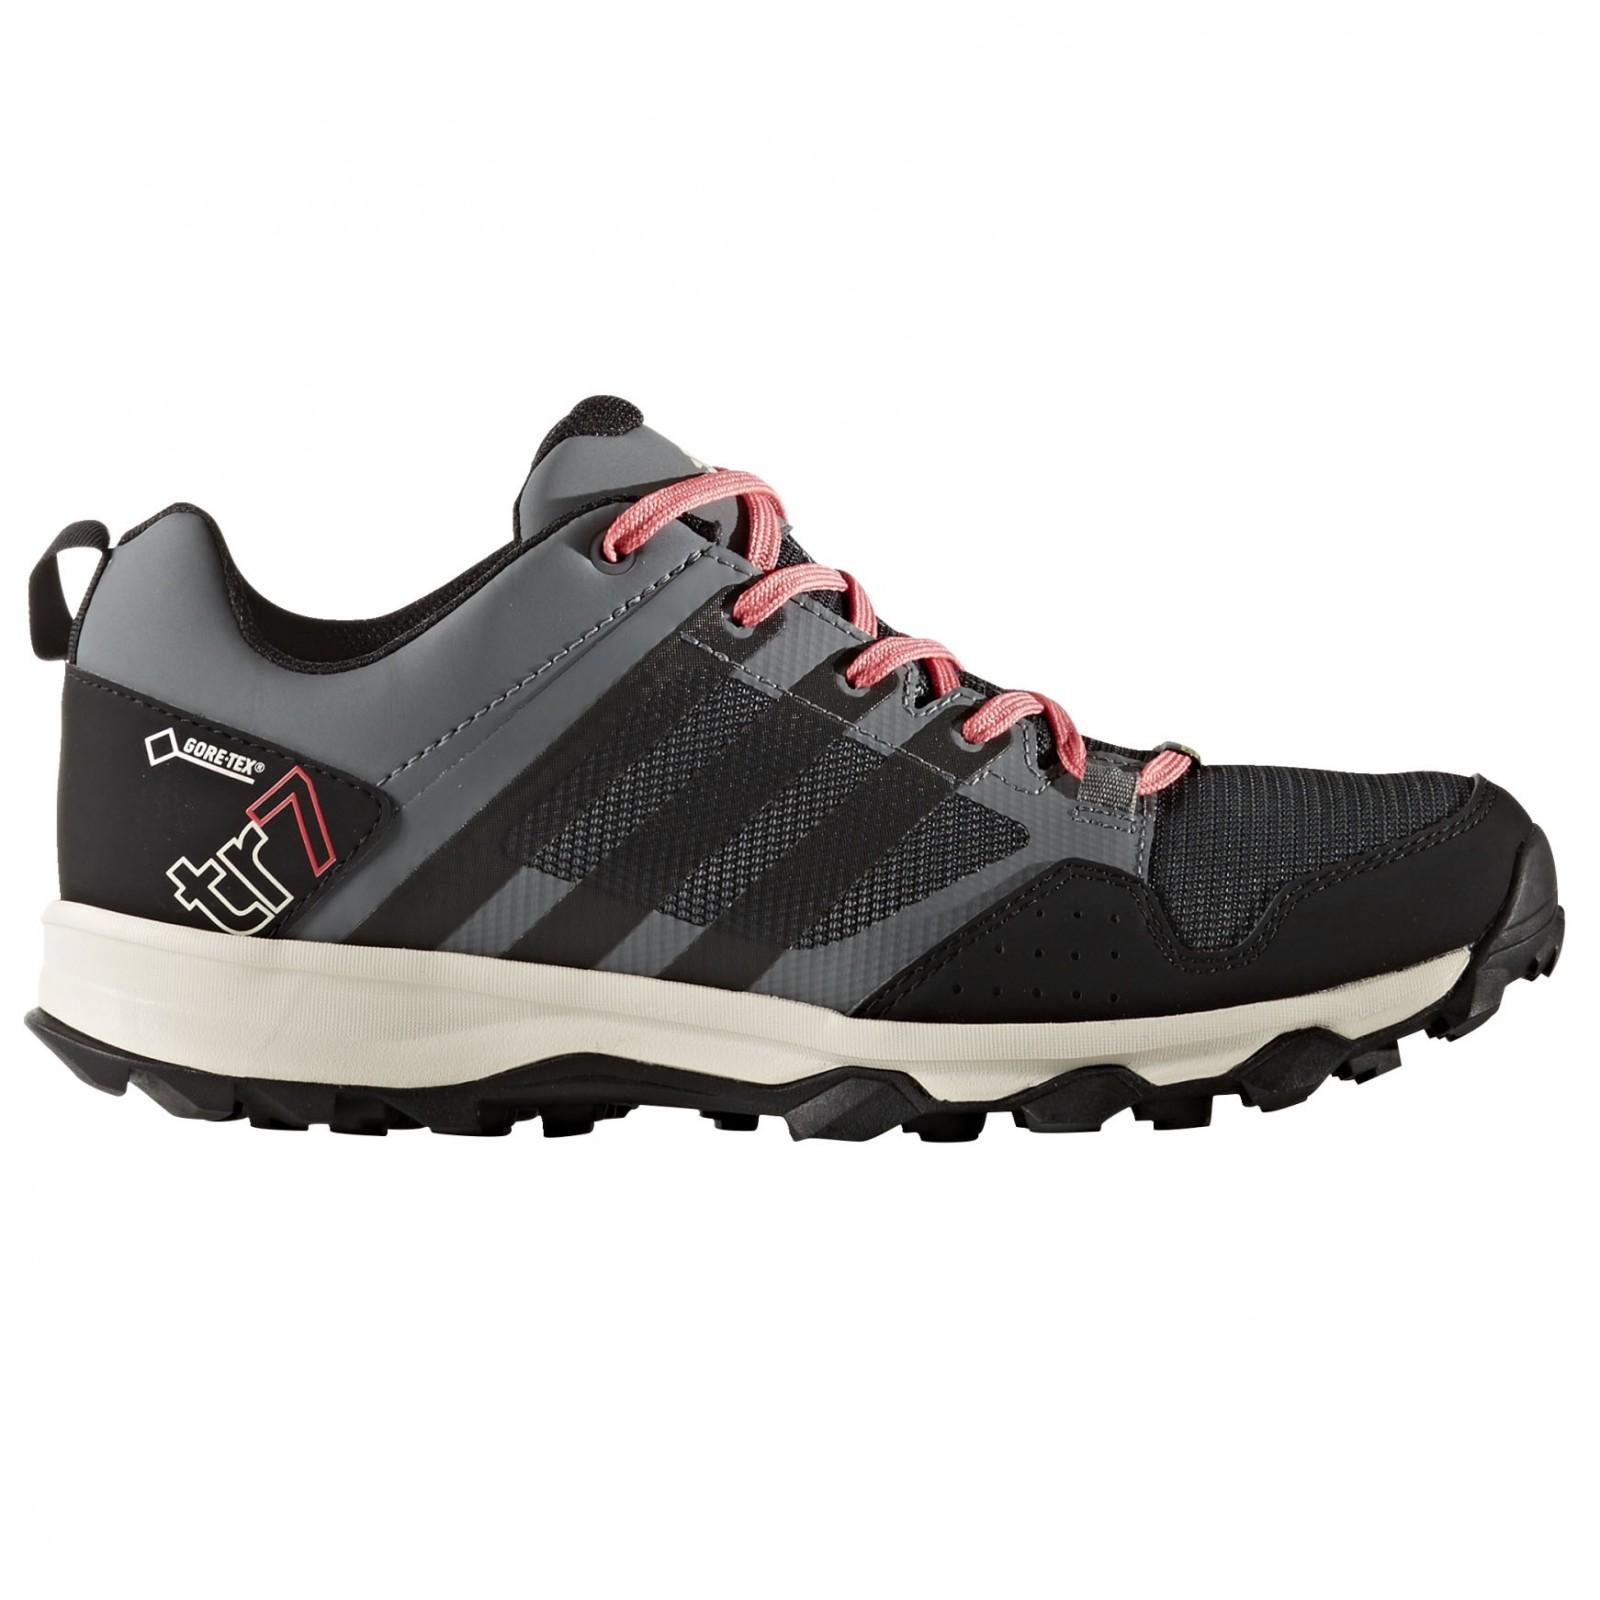 6971f3e73e2 Dámská treková obuv adidas KANADIA 7 TR GTX W